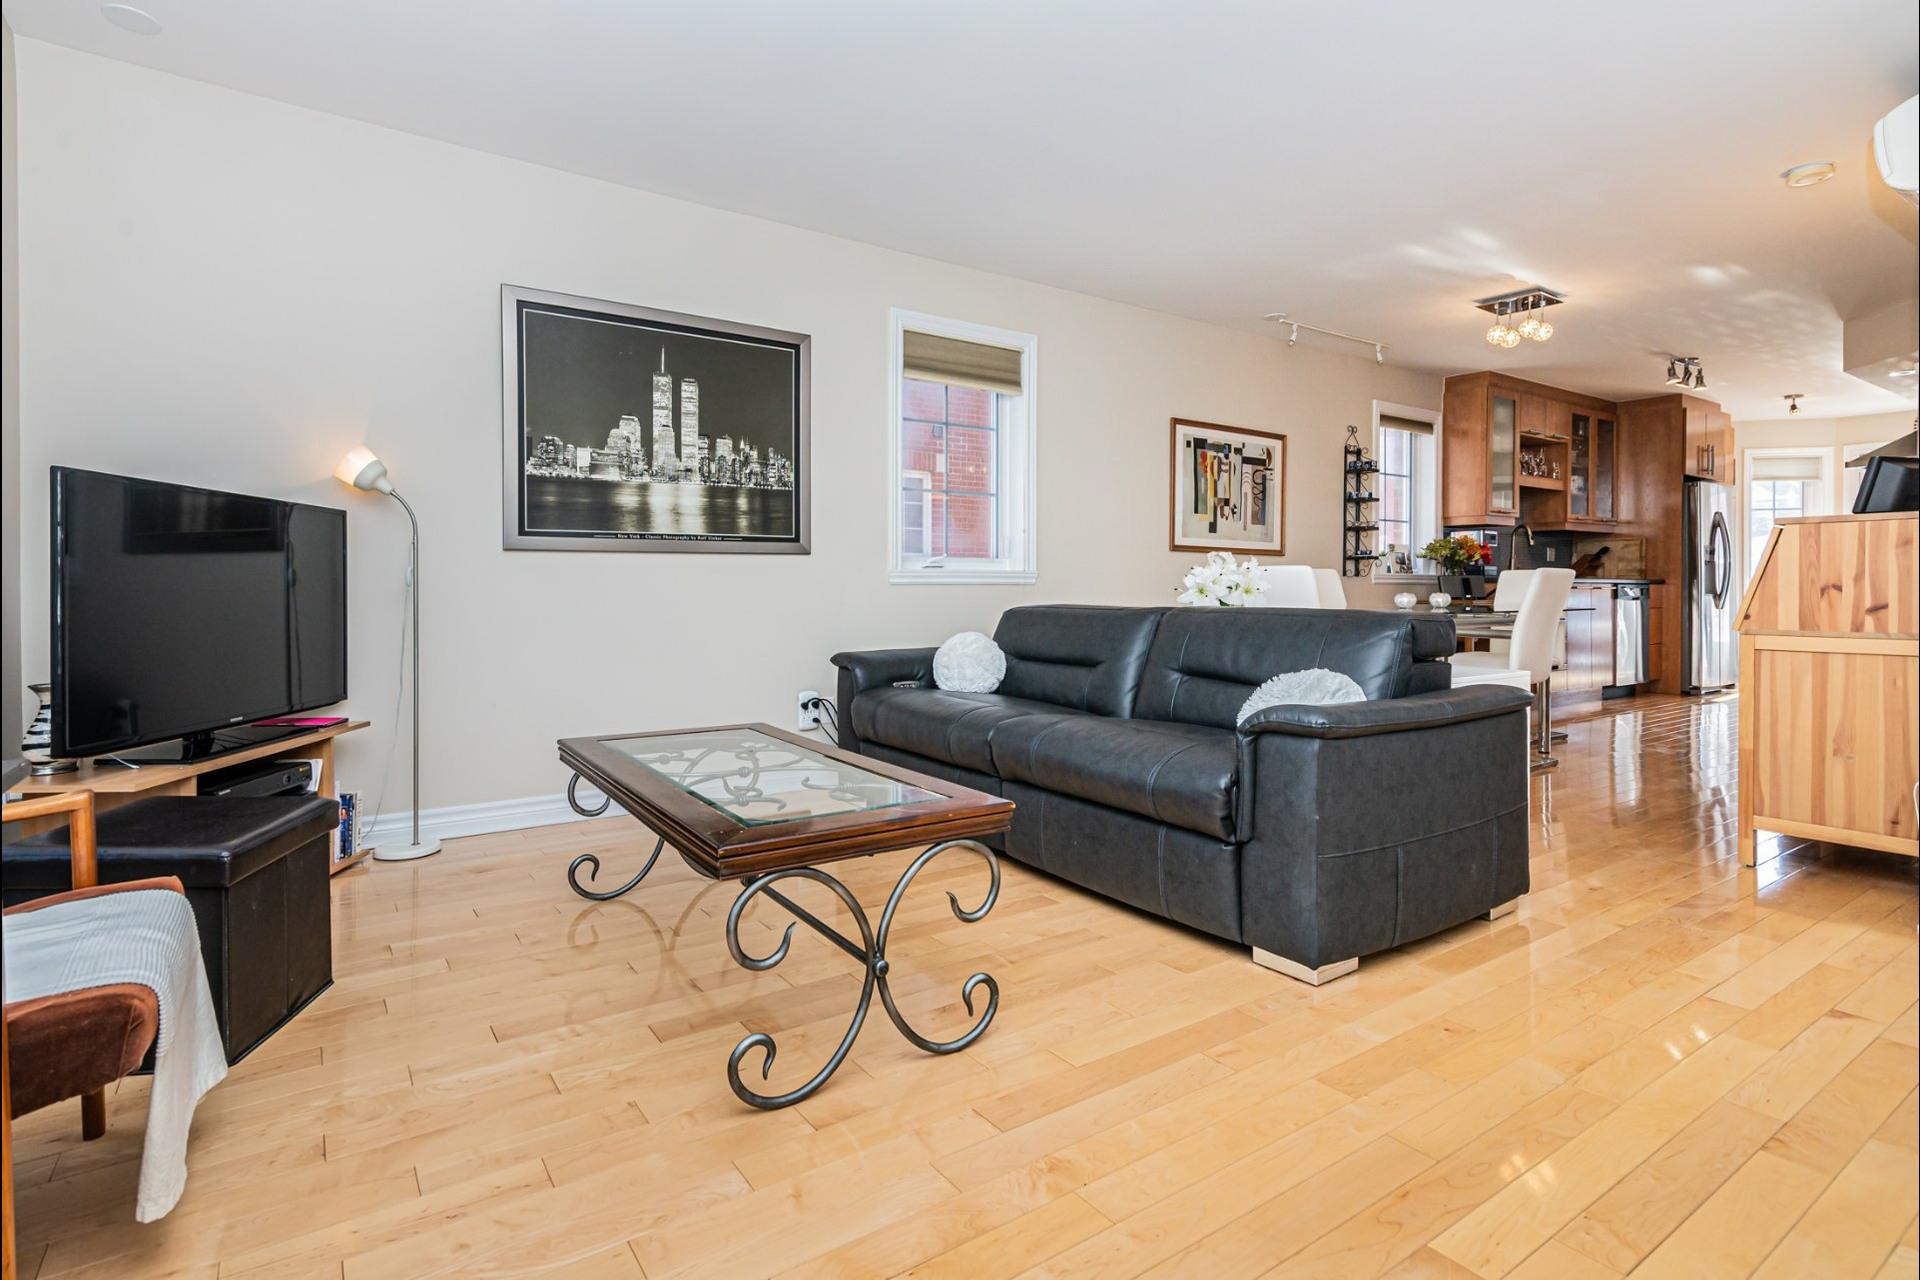 image 2 - 公寓 出售 Saint-Laurent Montréal  - 4 室